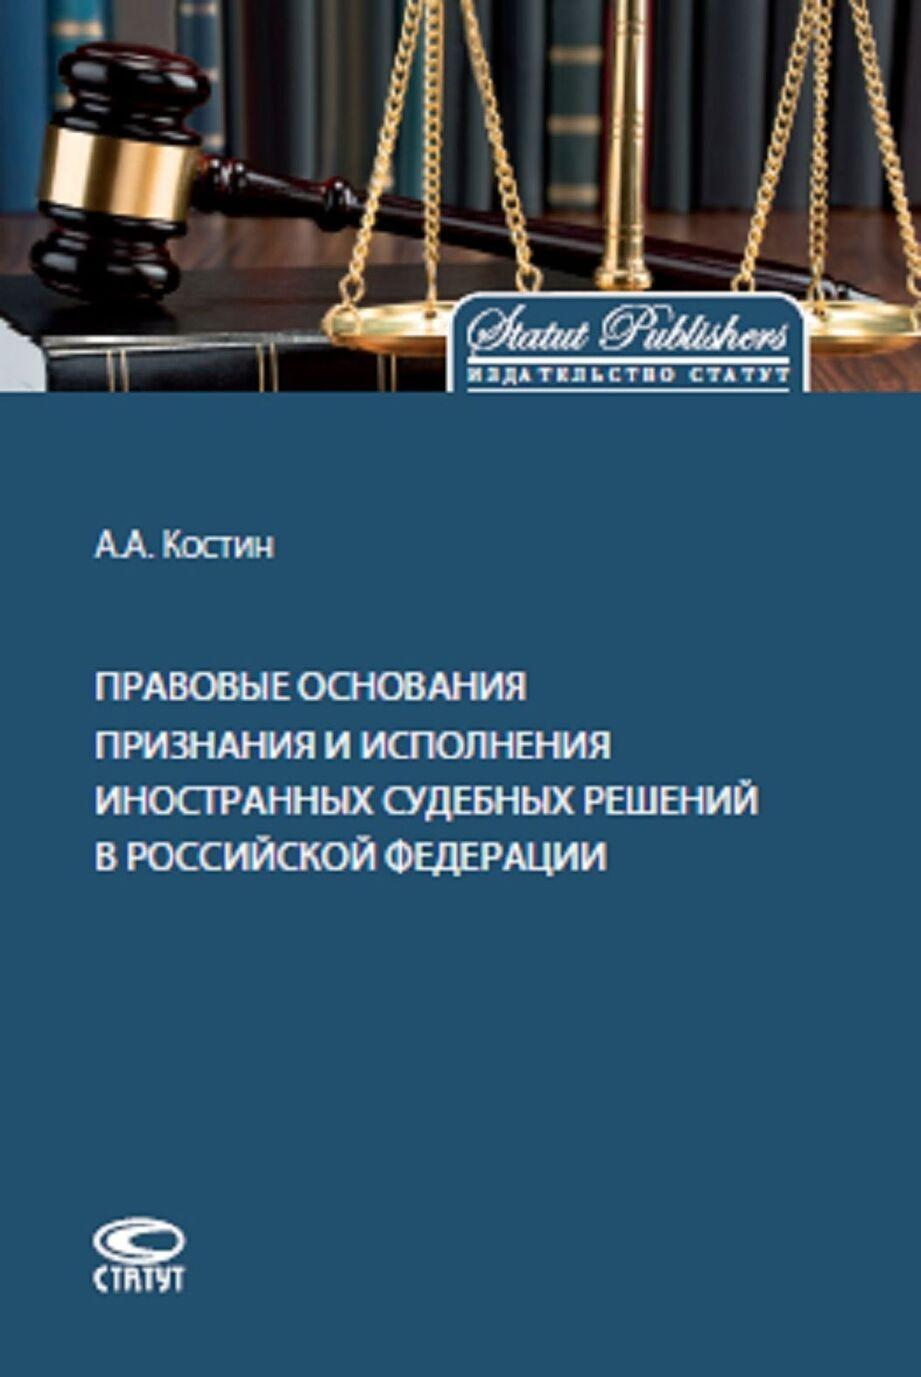 Pravovye osnovanija priznanija i ispolnenija inostrannykh sudebnykh reshenij v Rossijskoj Federatsii.